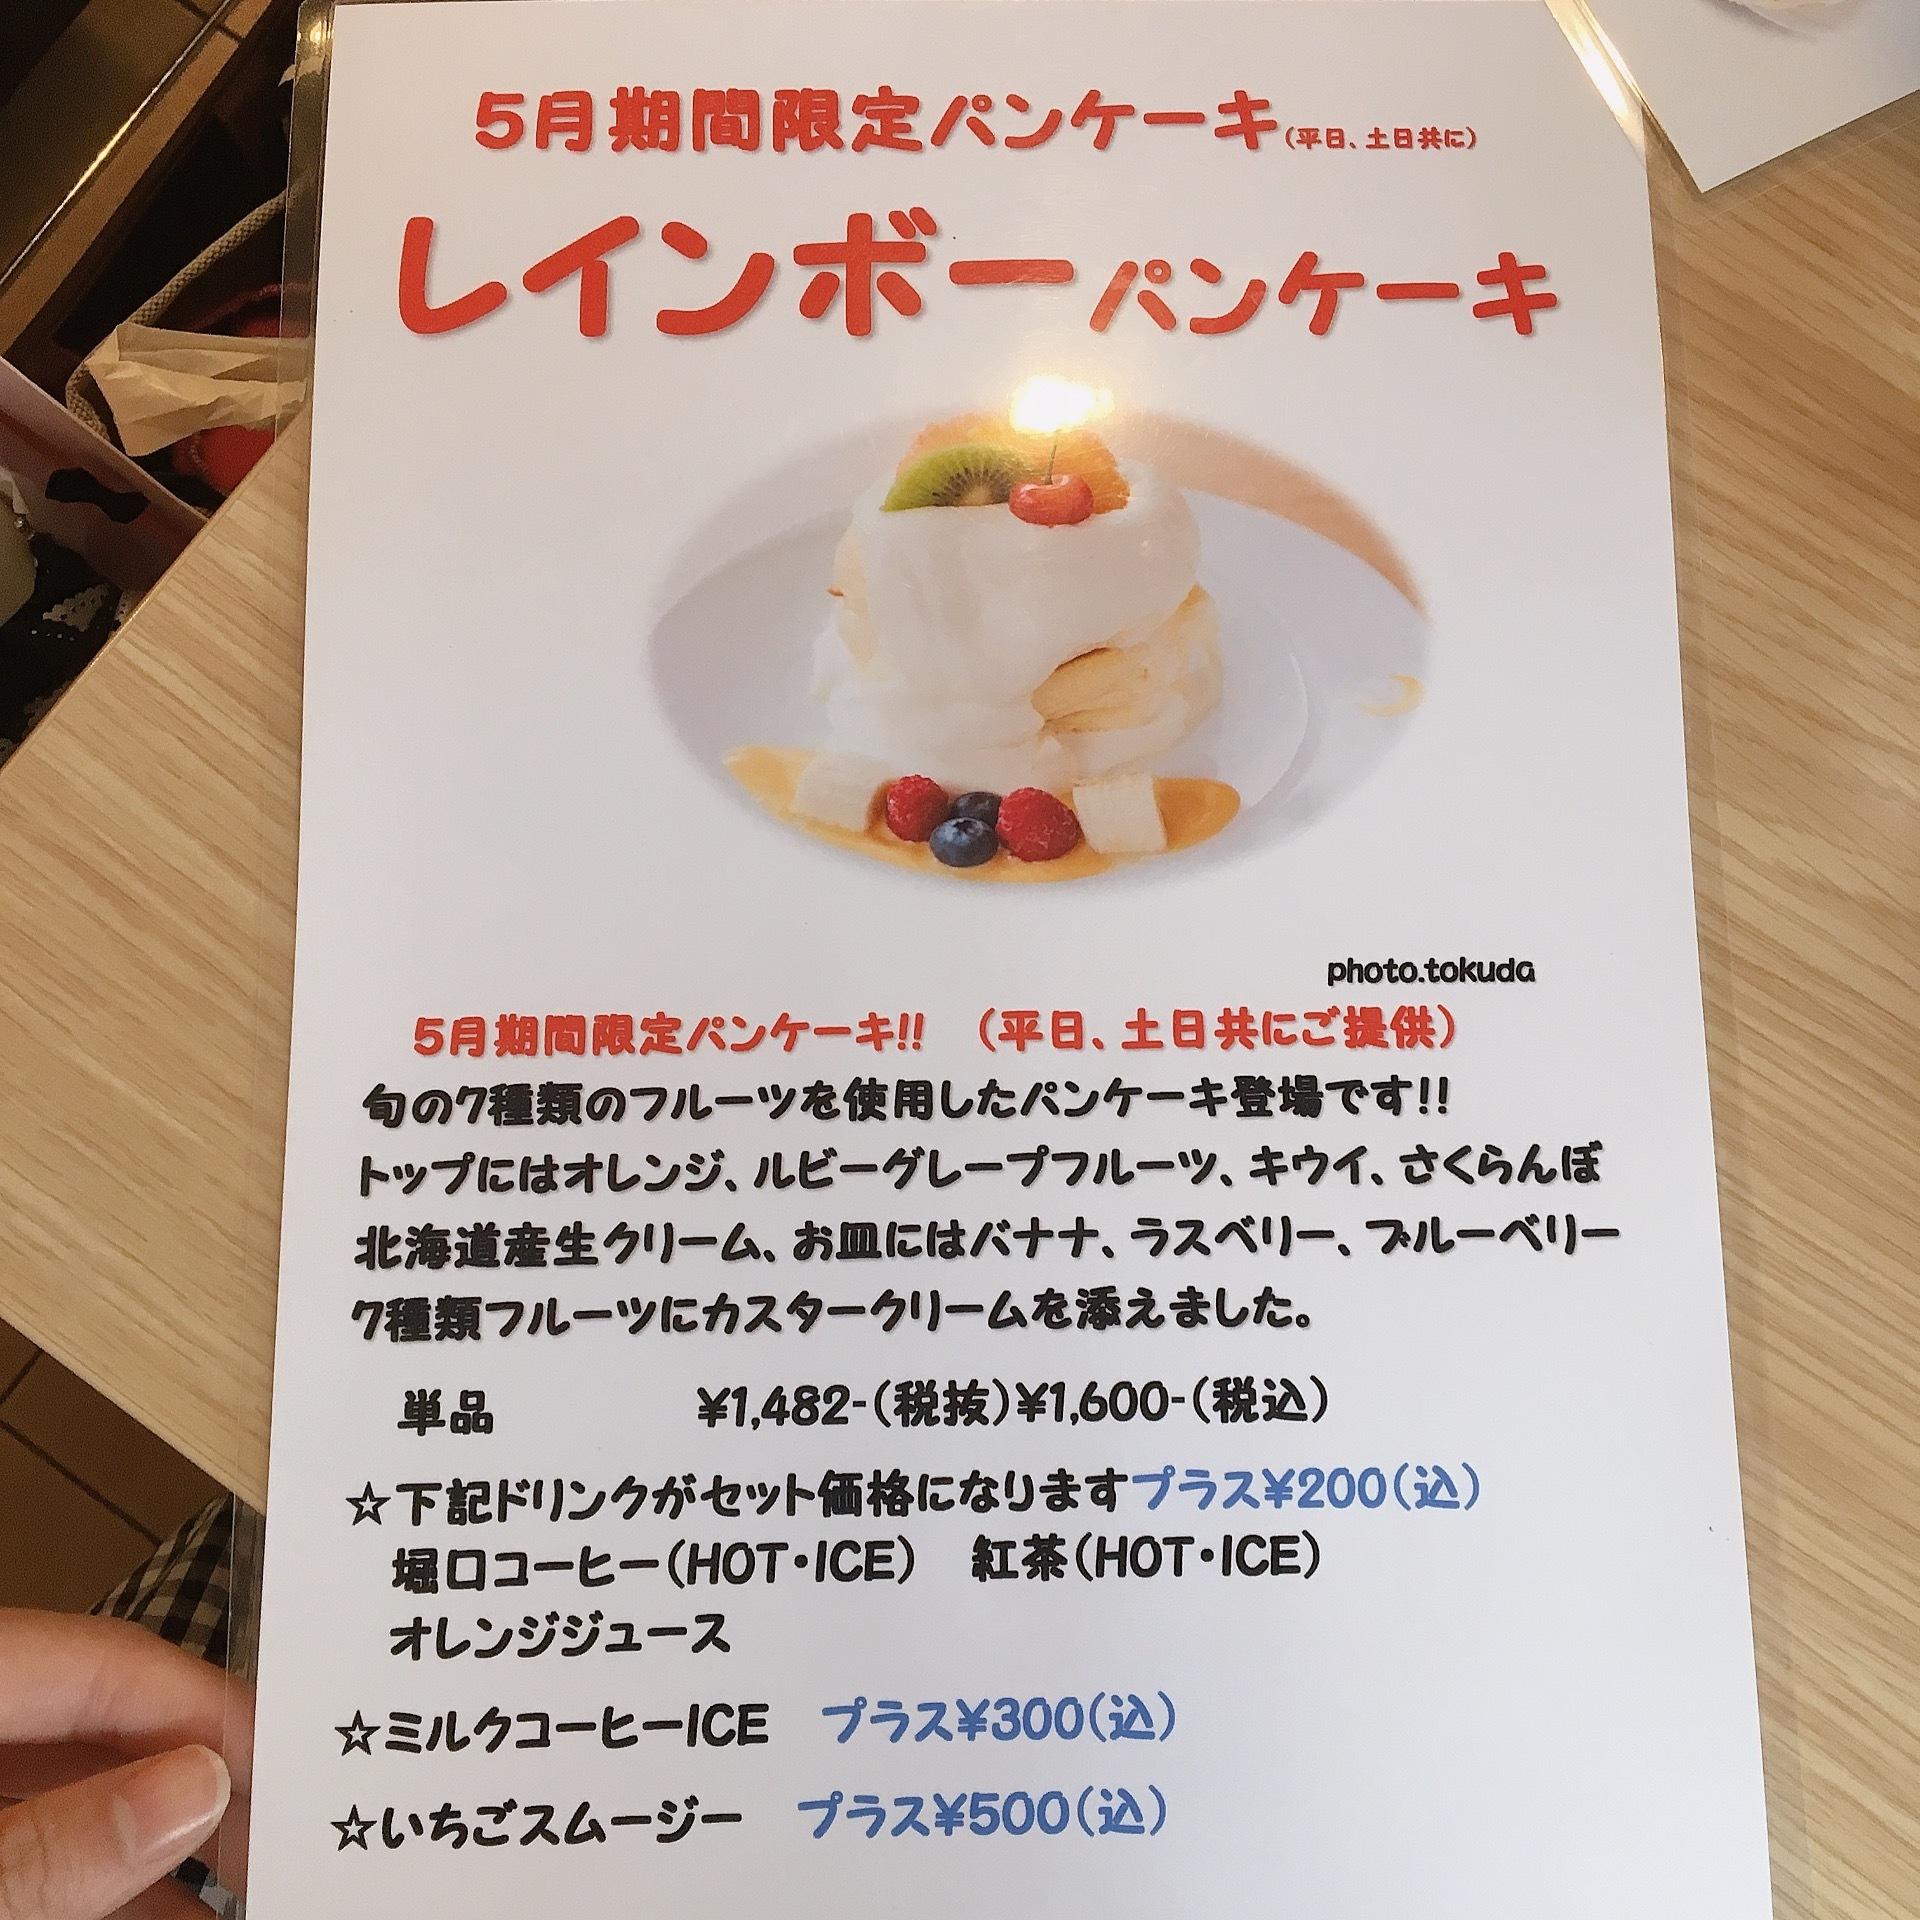 SNSで【美味しすぎる】と話題☆ 究極のパンケーキ「茶香」が凄い_1_3